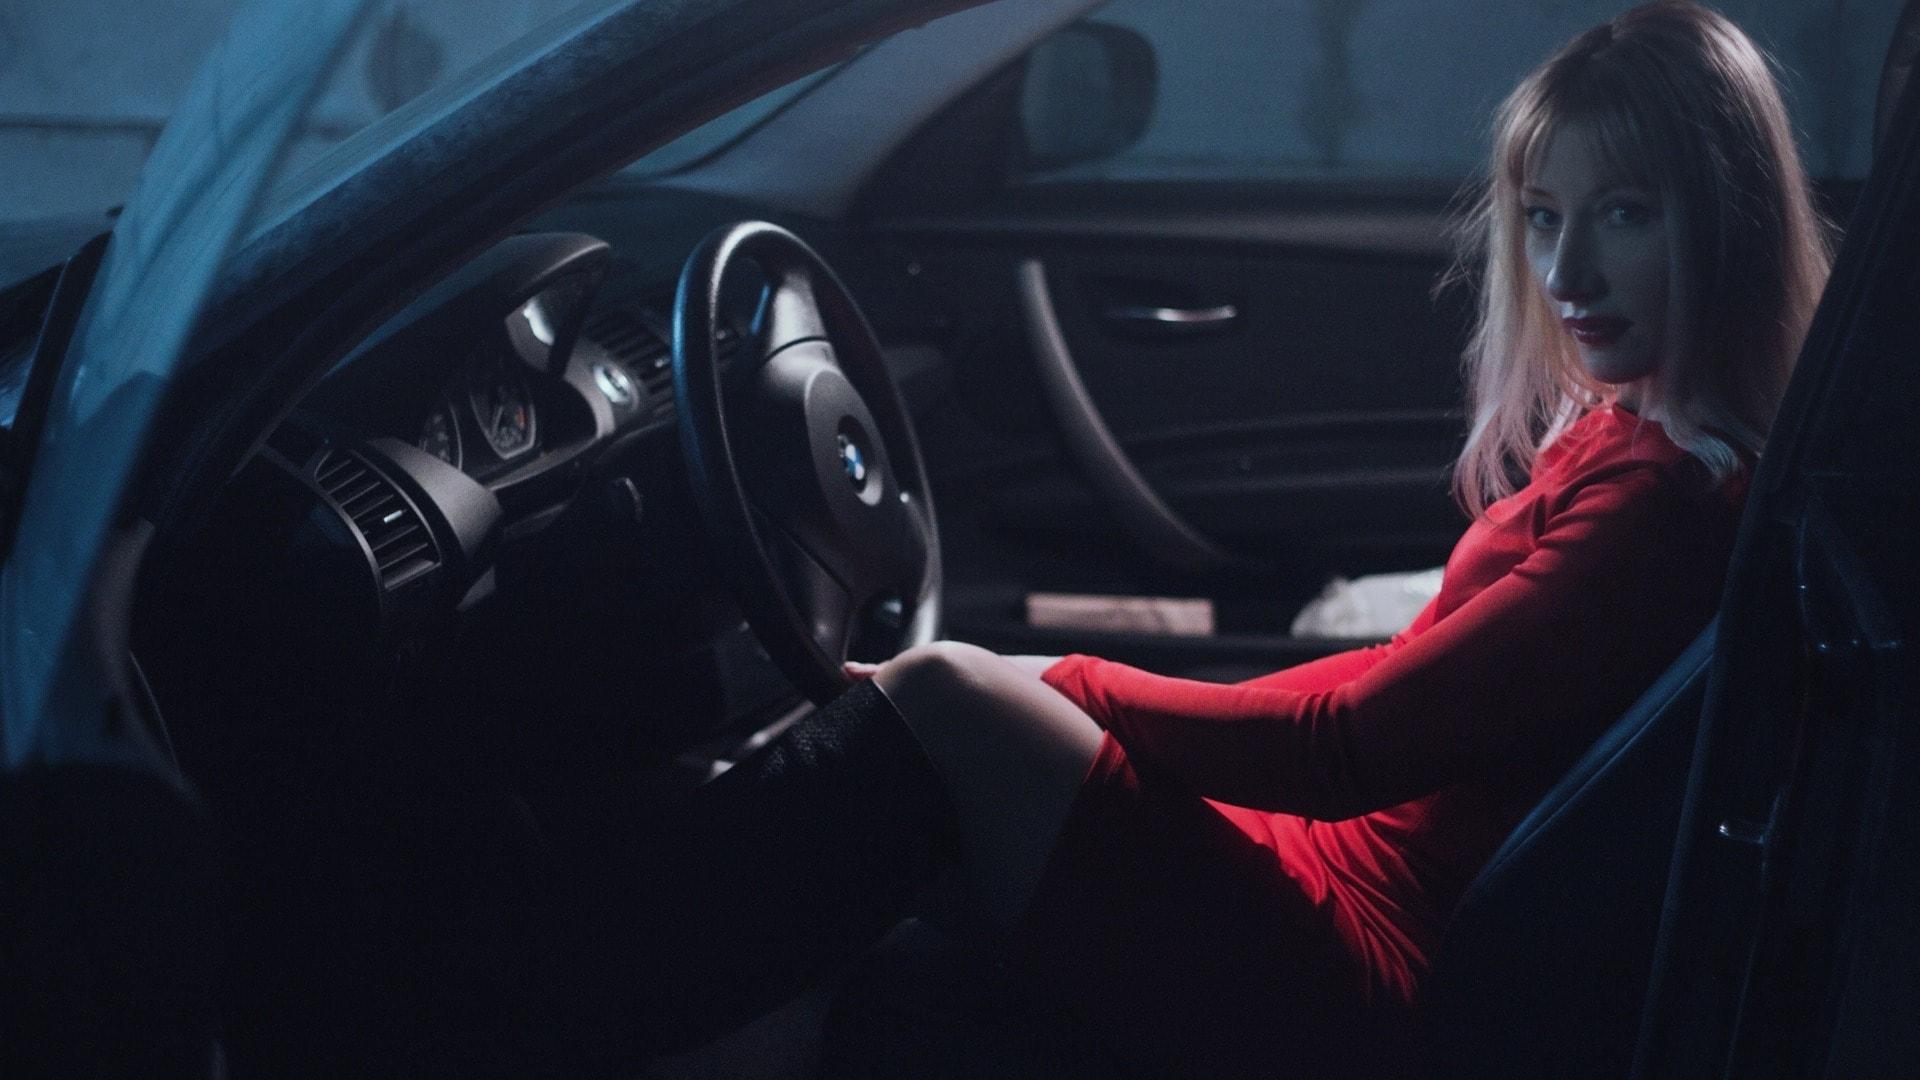 Тест: Идеальный автомобиль для идеальной женщины